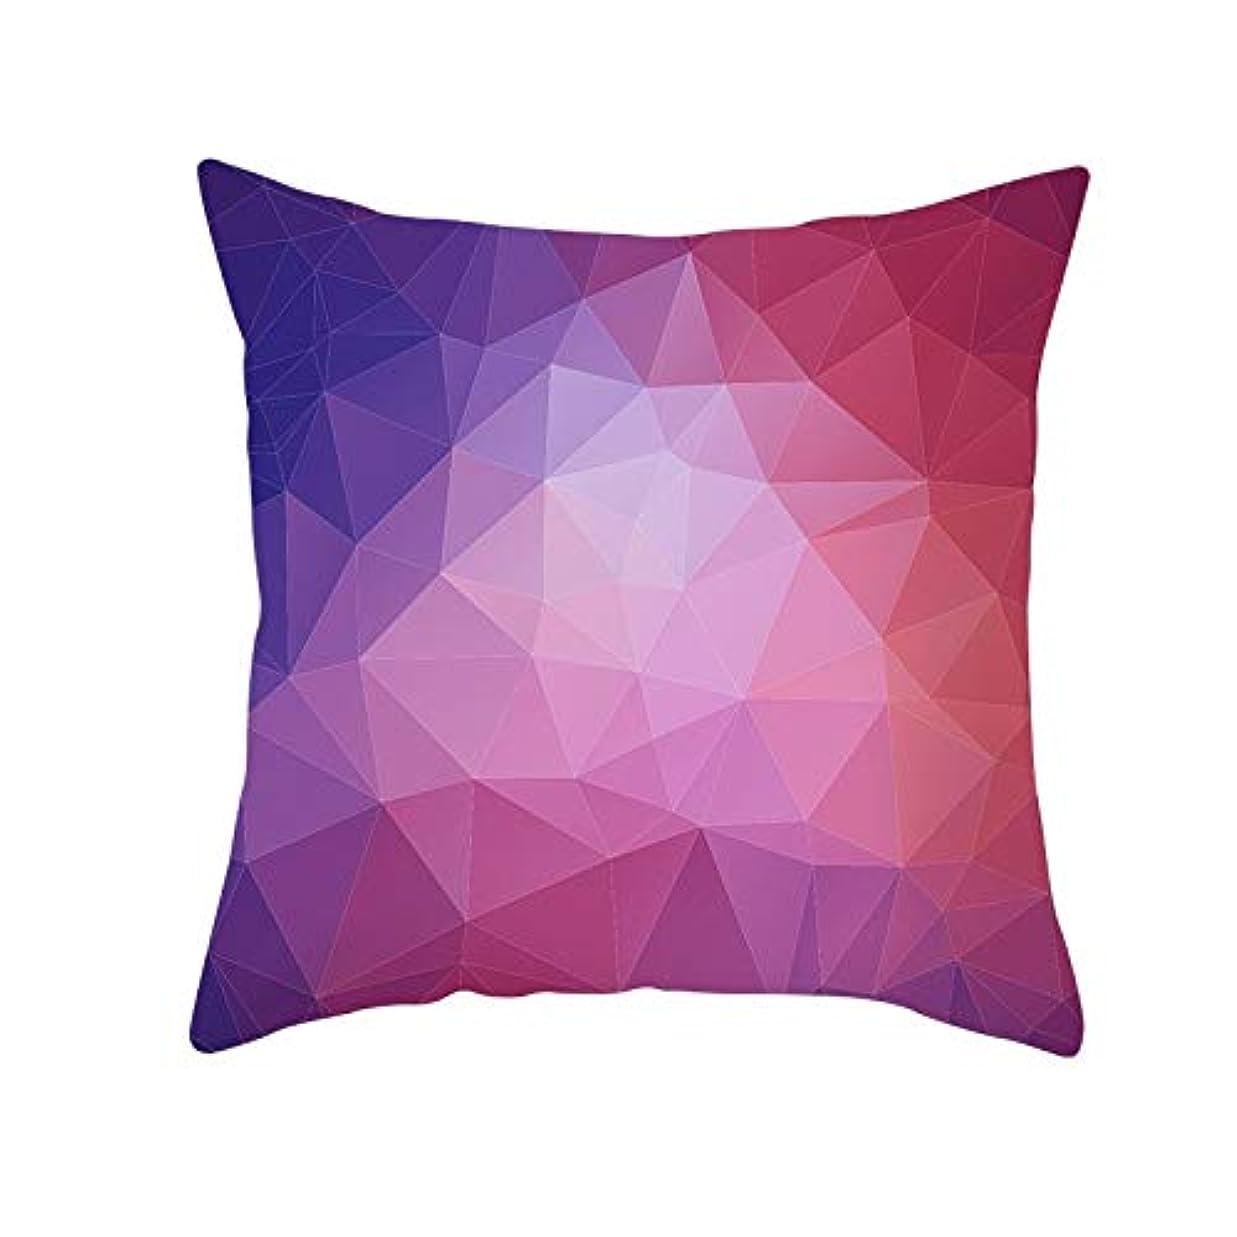 最小化する本質的ではない悪化するLIFE 装飾クッションソファ 幾何学プリントポリエステル正方形の枕ソファスロークッション家の装飾 coussin デ長椅子 クッション 椅子